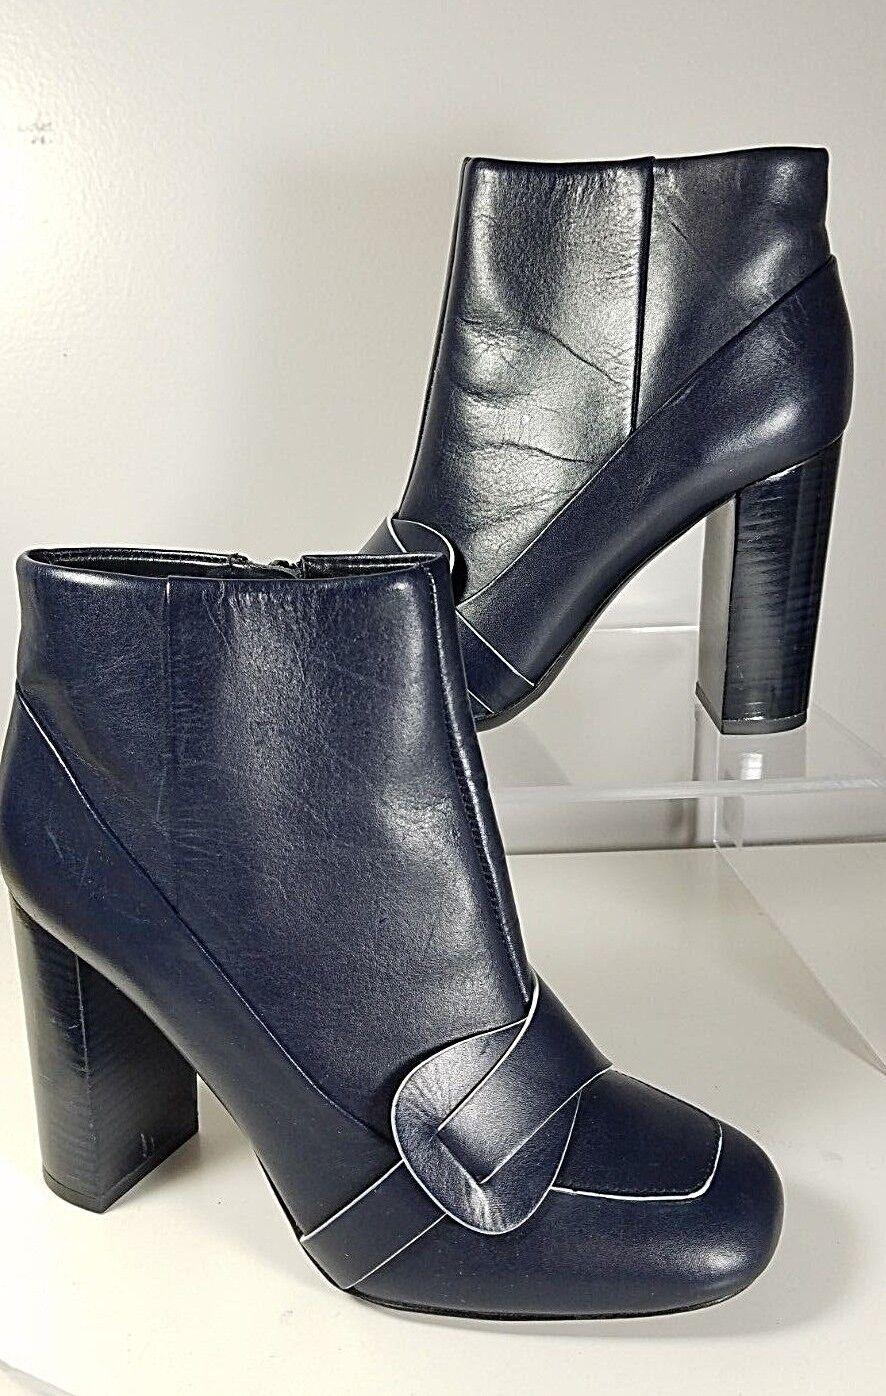 Sz 7 NEW  FLOOR TORY BURCH Ankle Boots Bootie Women's Bond Zip Heeled Navy bluee